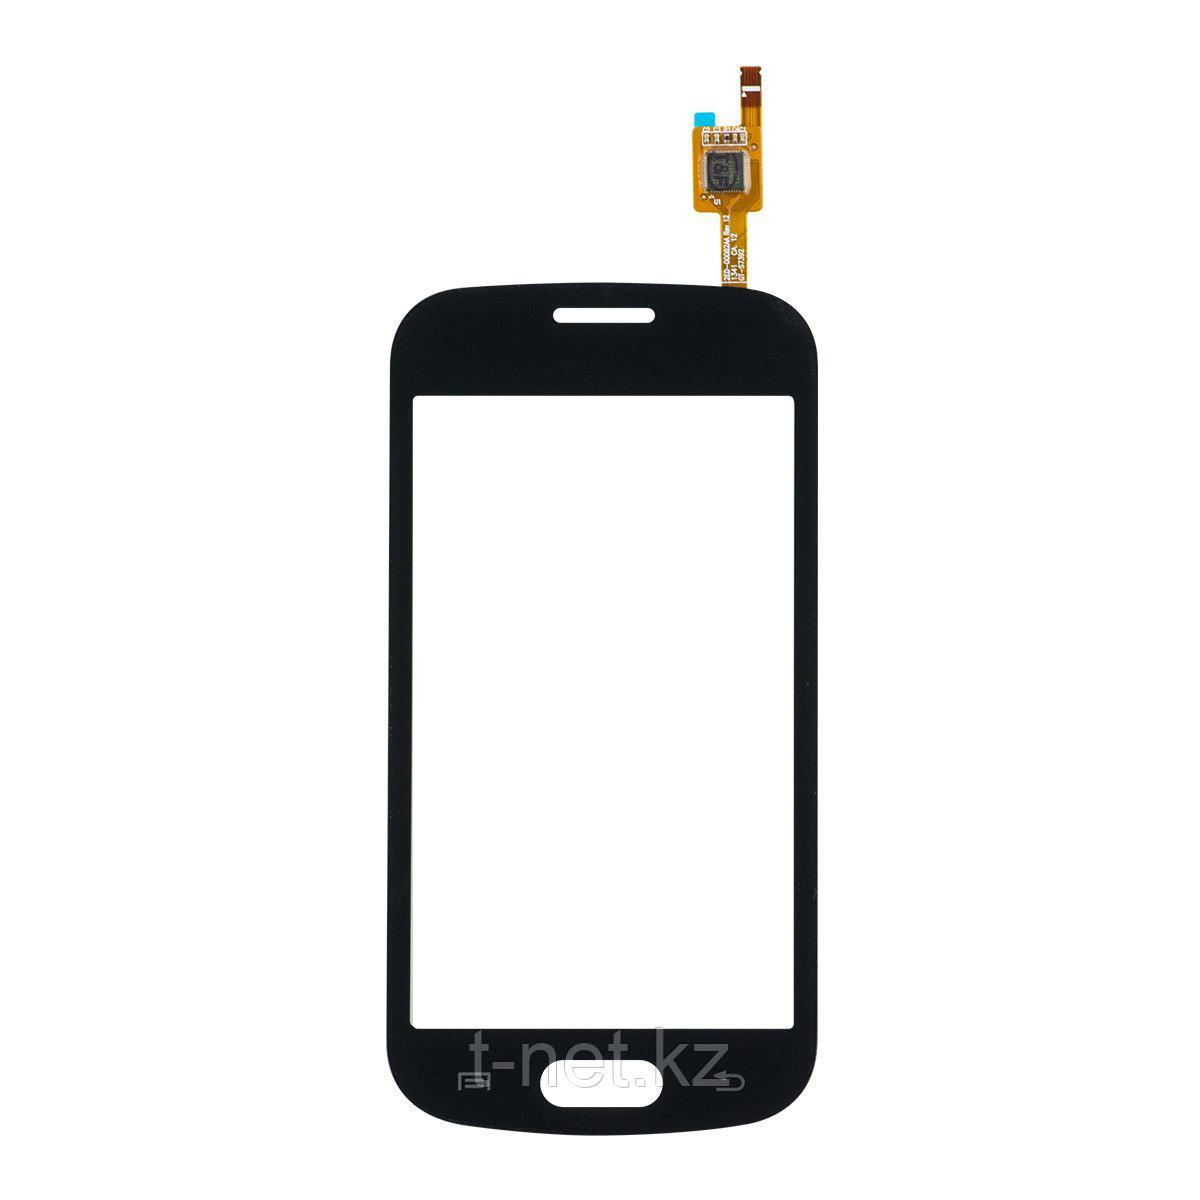 Сенсор Samsung Galaxy Trend GT-S7390, цвет черный